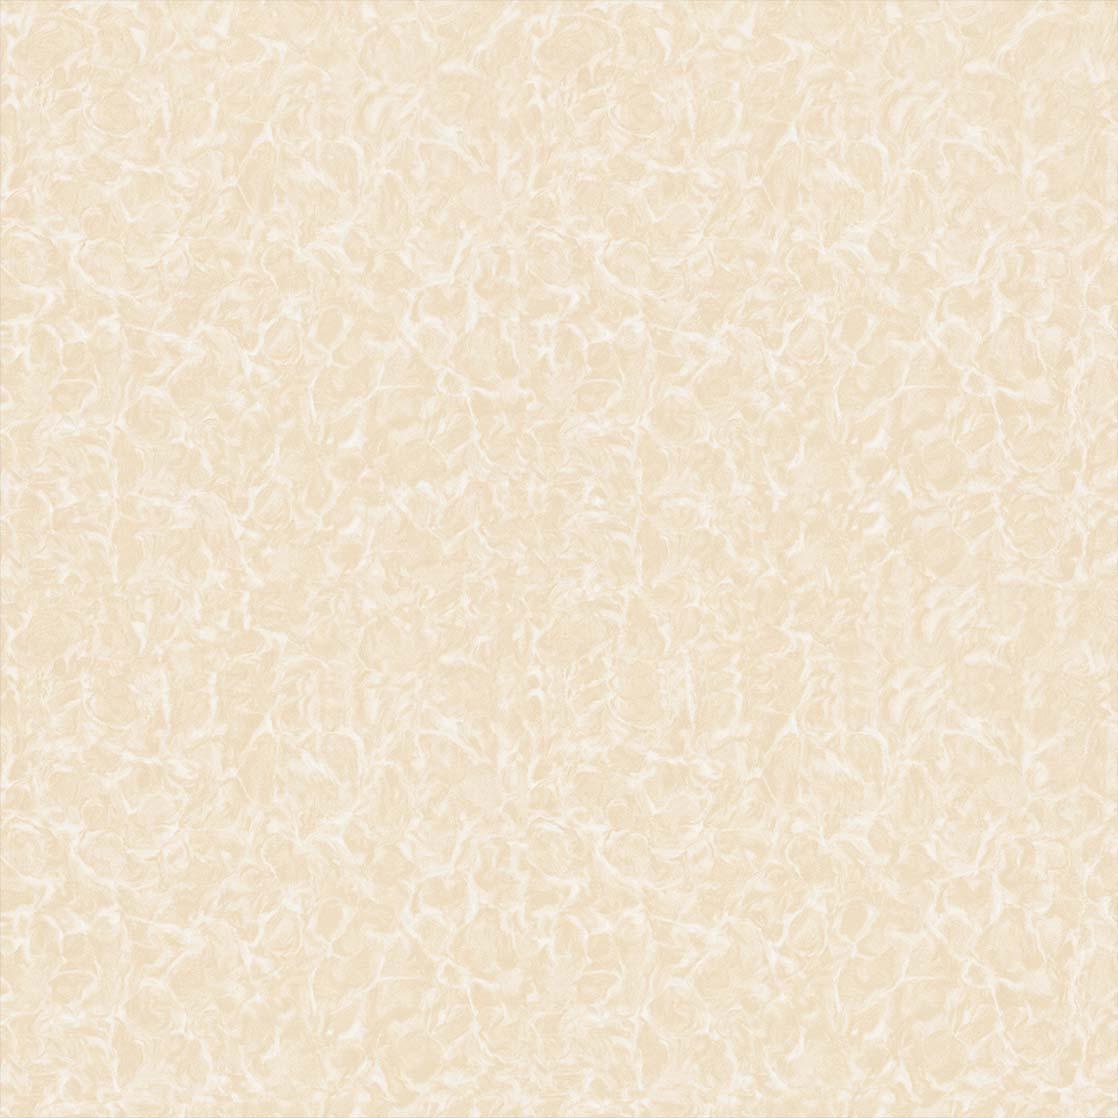 Gạch lát nền 500x500 Viglacera KM517 giá rẻ